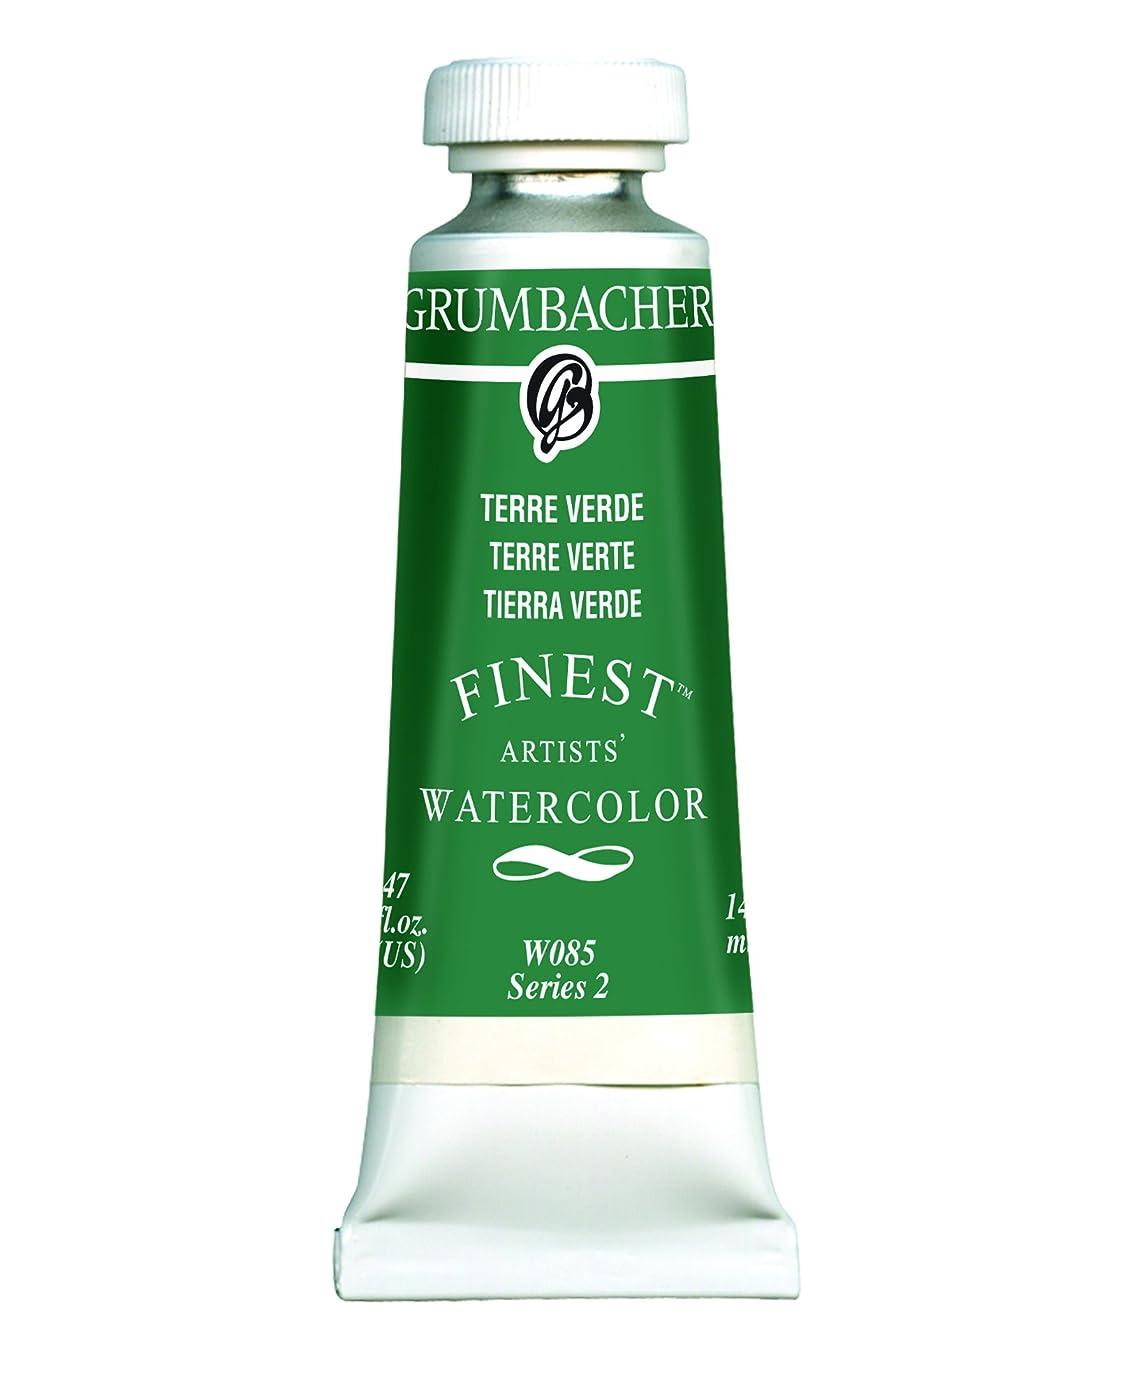 Grumbacher Finest Watercolor Paint, 14 ml/0.47 oz, Terre Verde